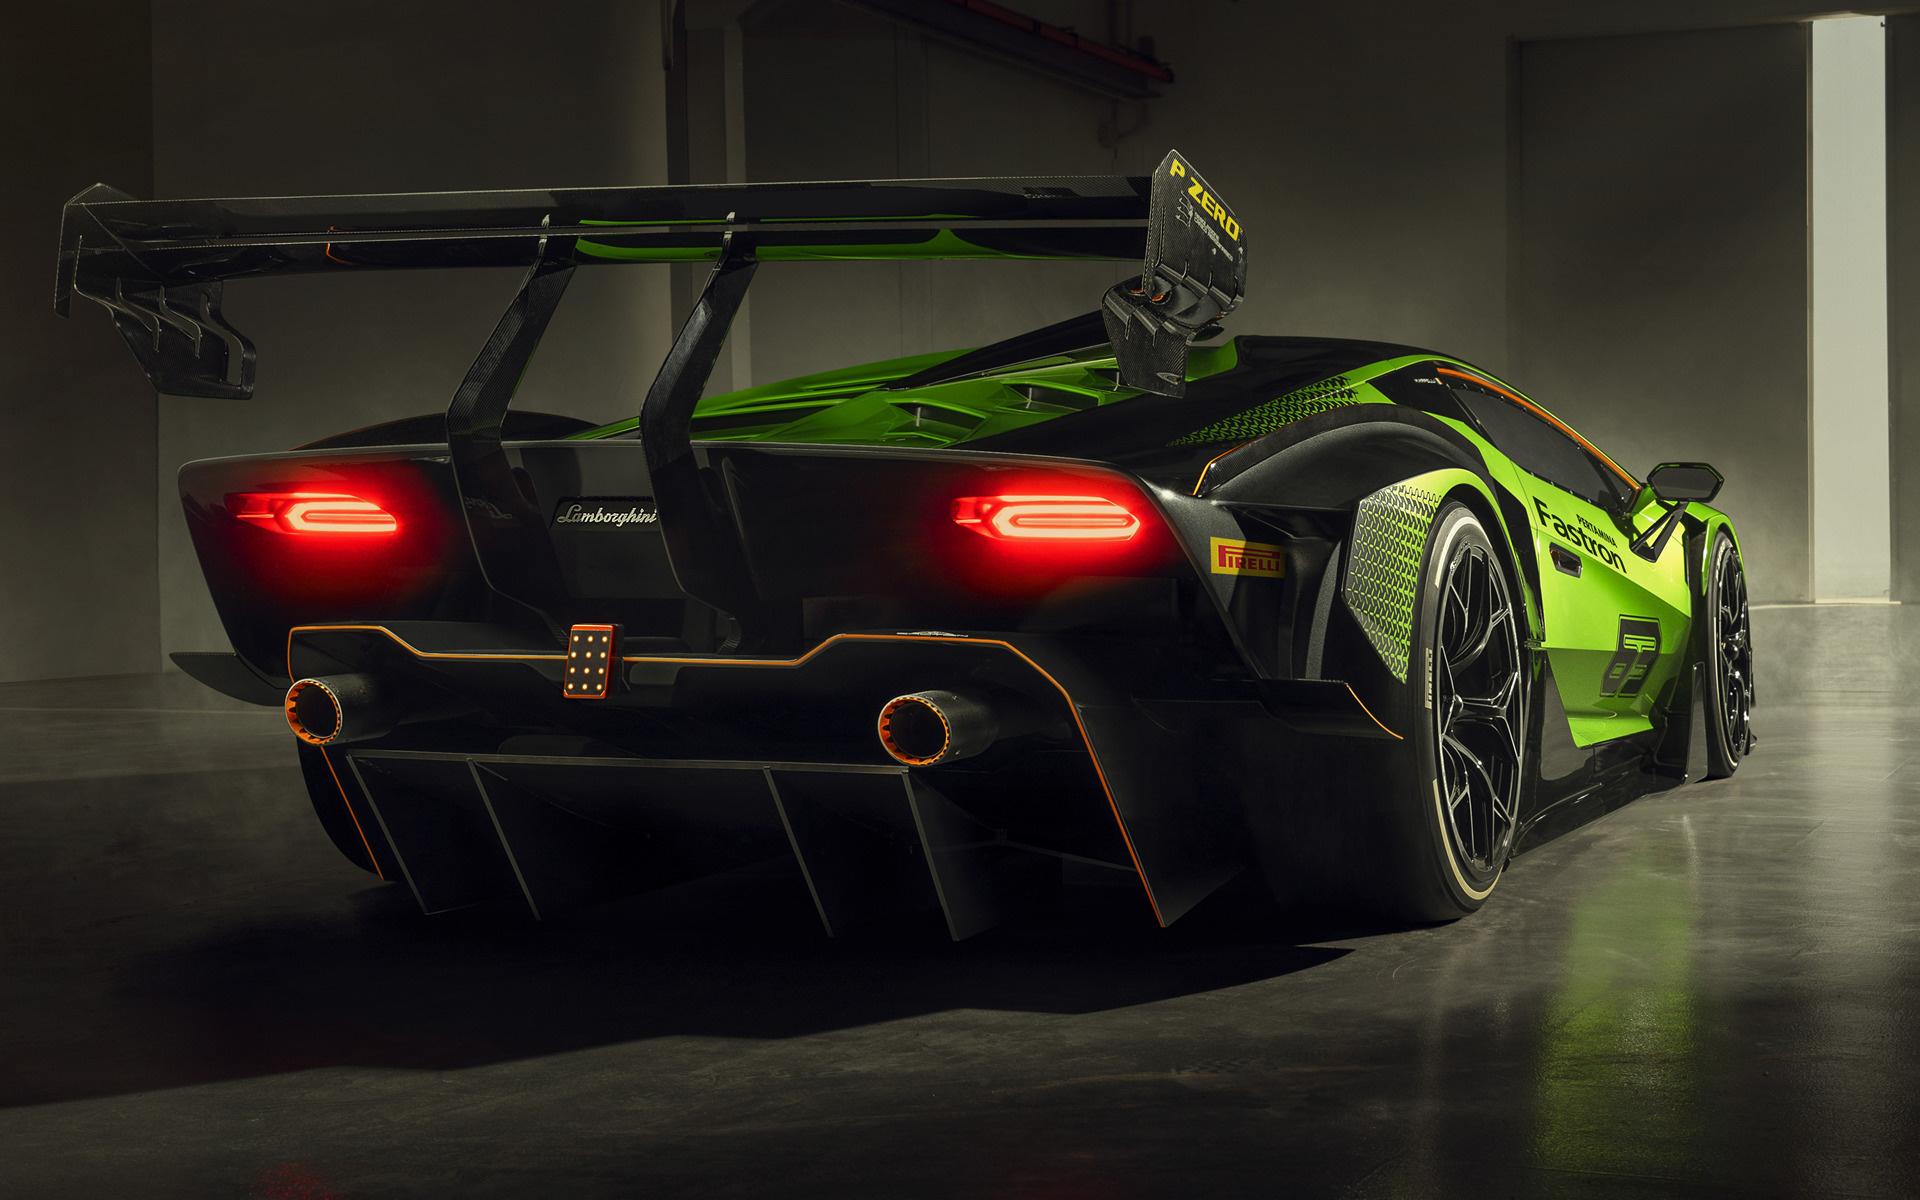 Lamborghini Essenza SCV12 40 esemplari destinati all'utilizzo in pista